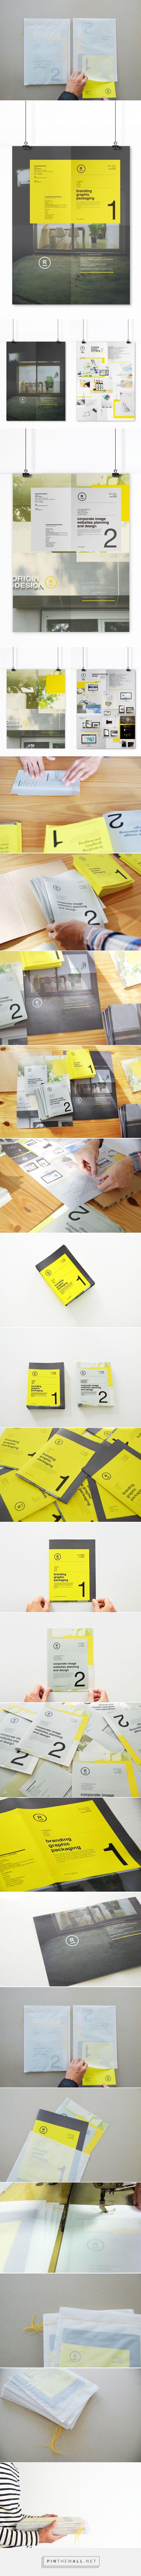 pin by natalie pham on cv  resume design